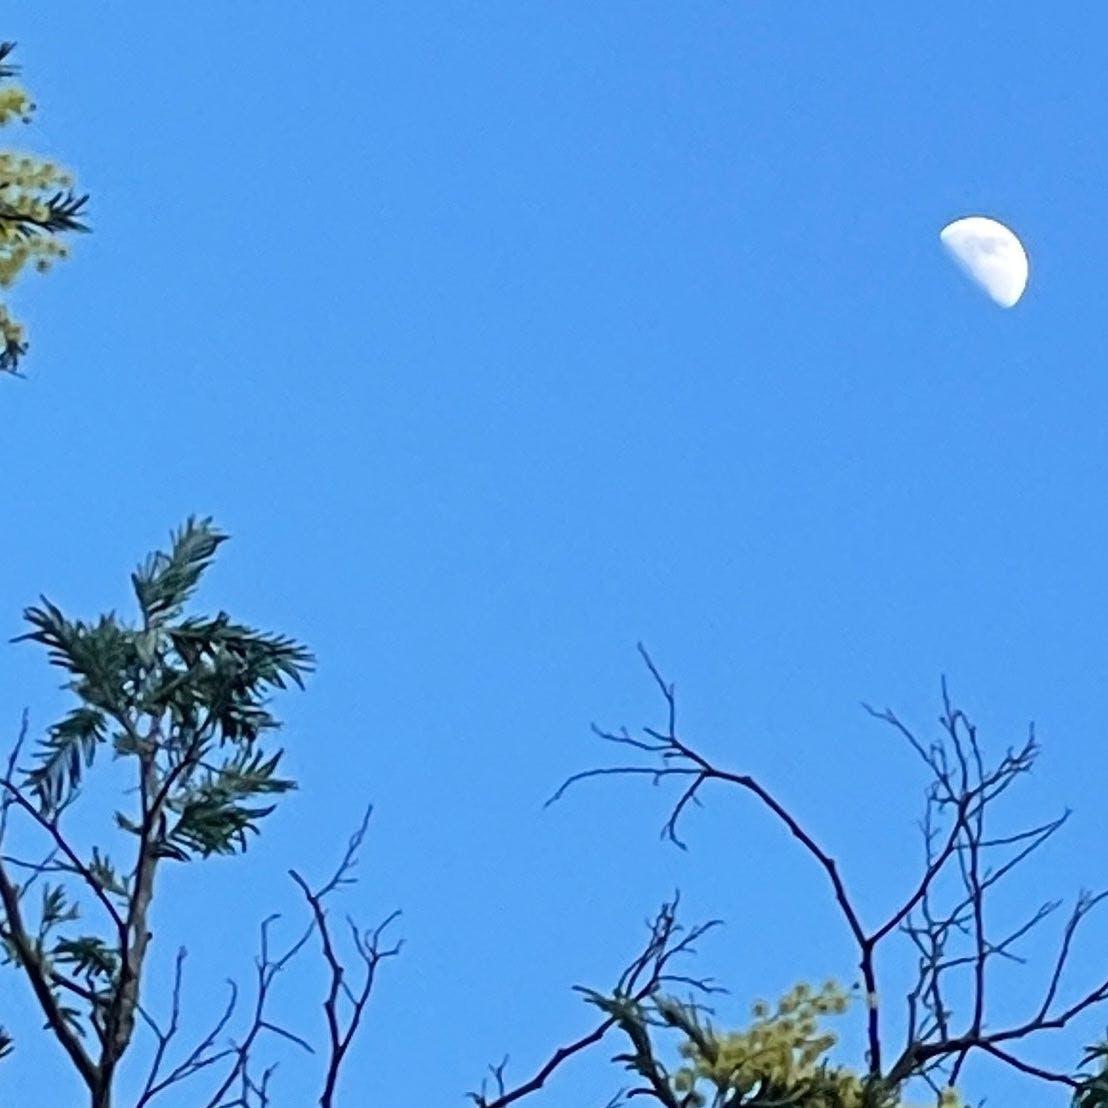 Moon over acacias